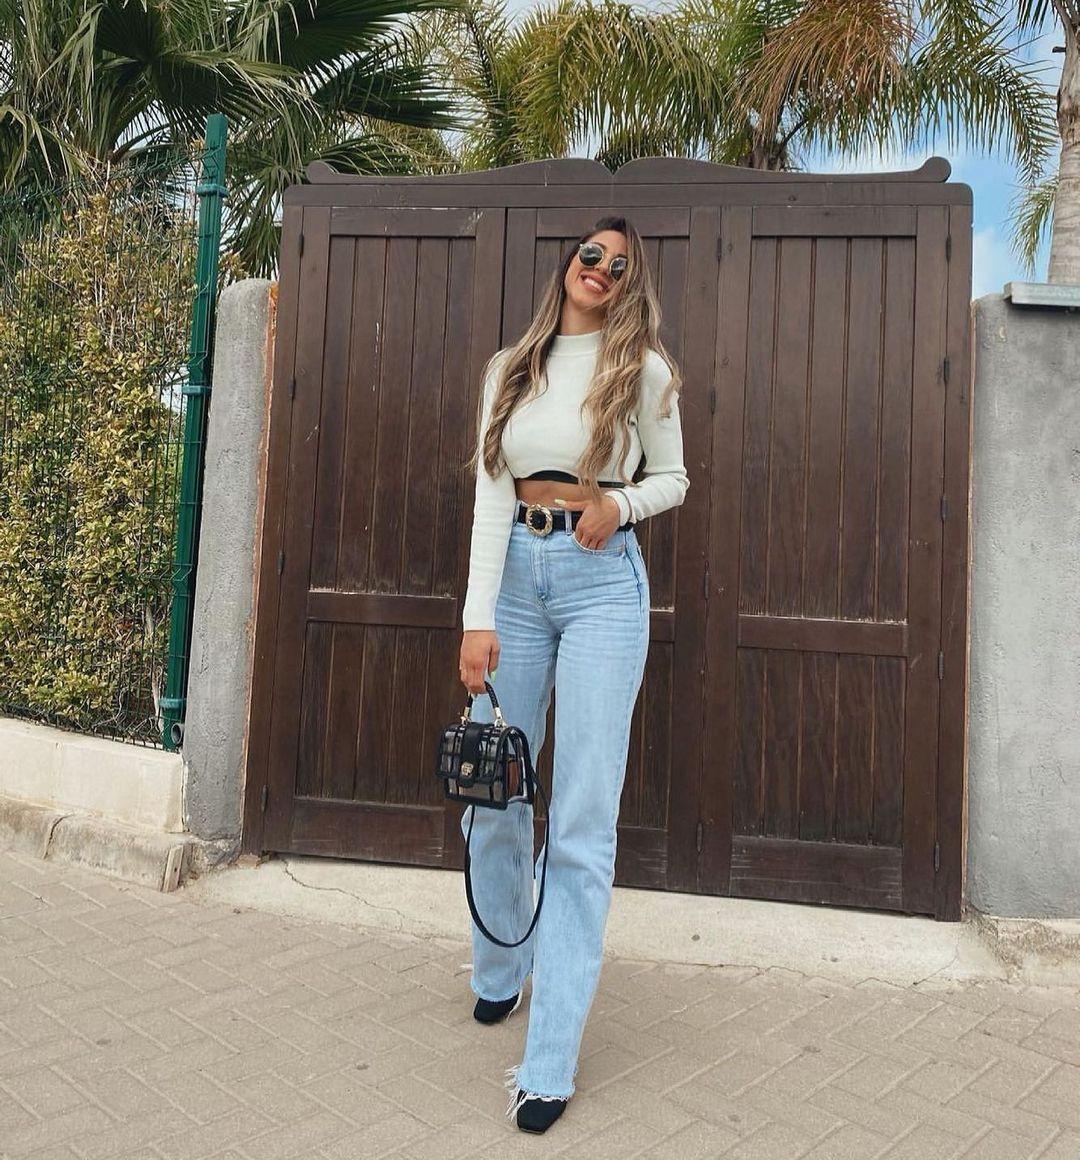 jeans z1975 full length de Zara sur zaradiccion__